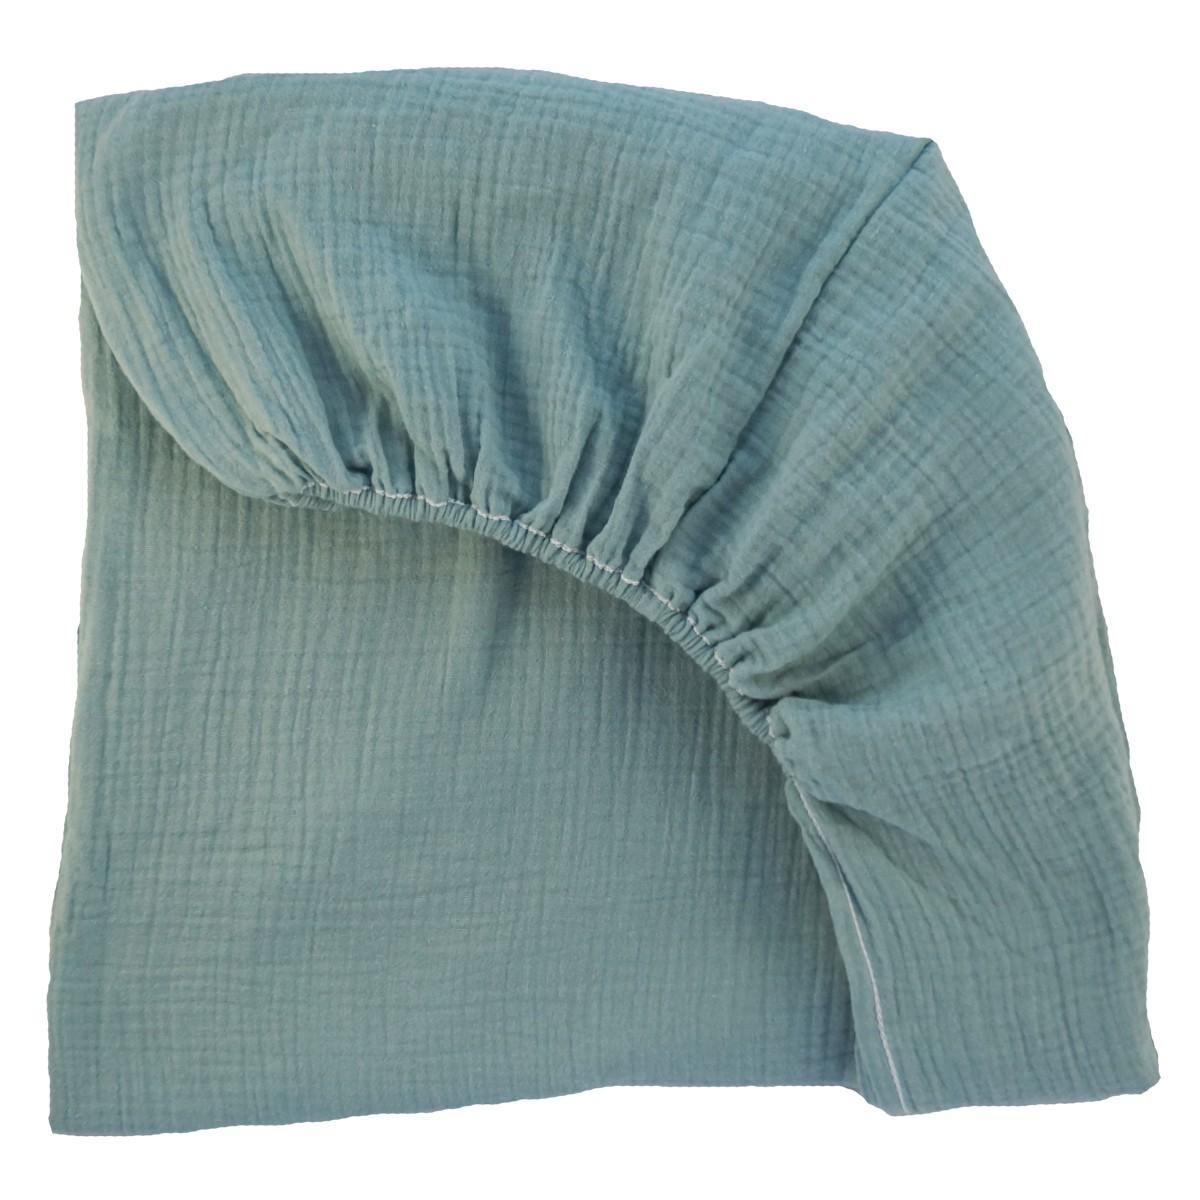 drap housse pour lit barreaux en mousseline de coton vert. Black Bedroom Furniture Sets. Home Design Ideas